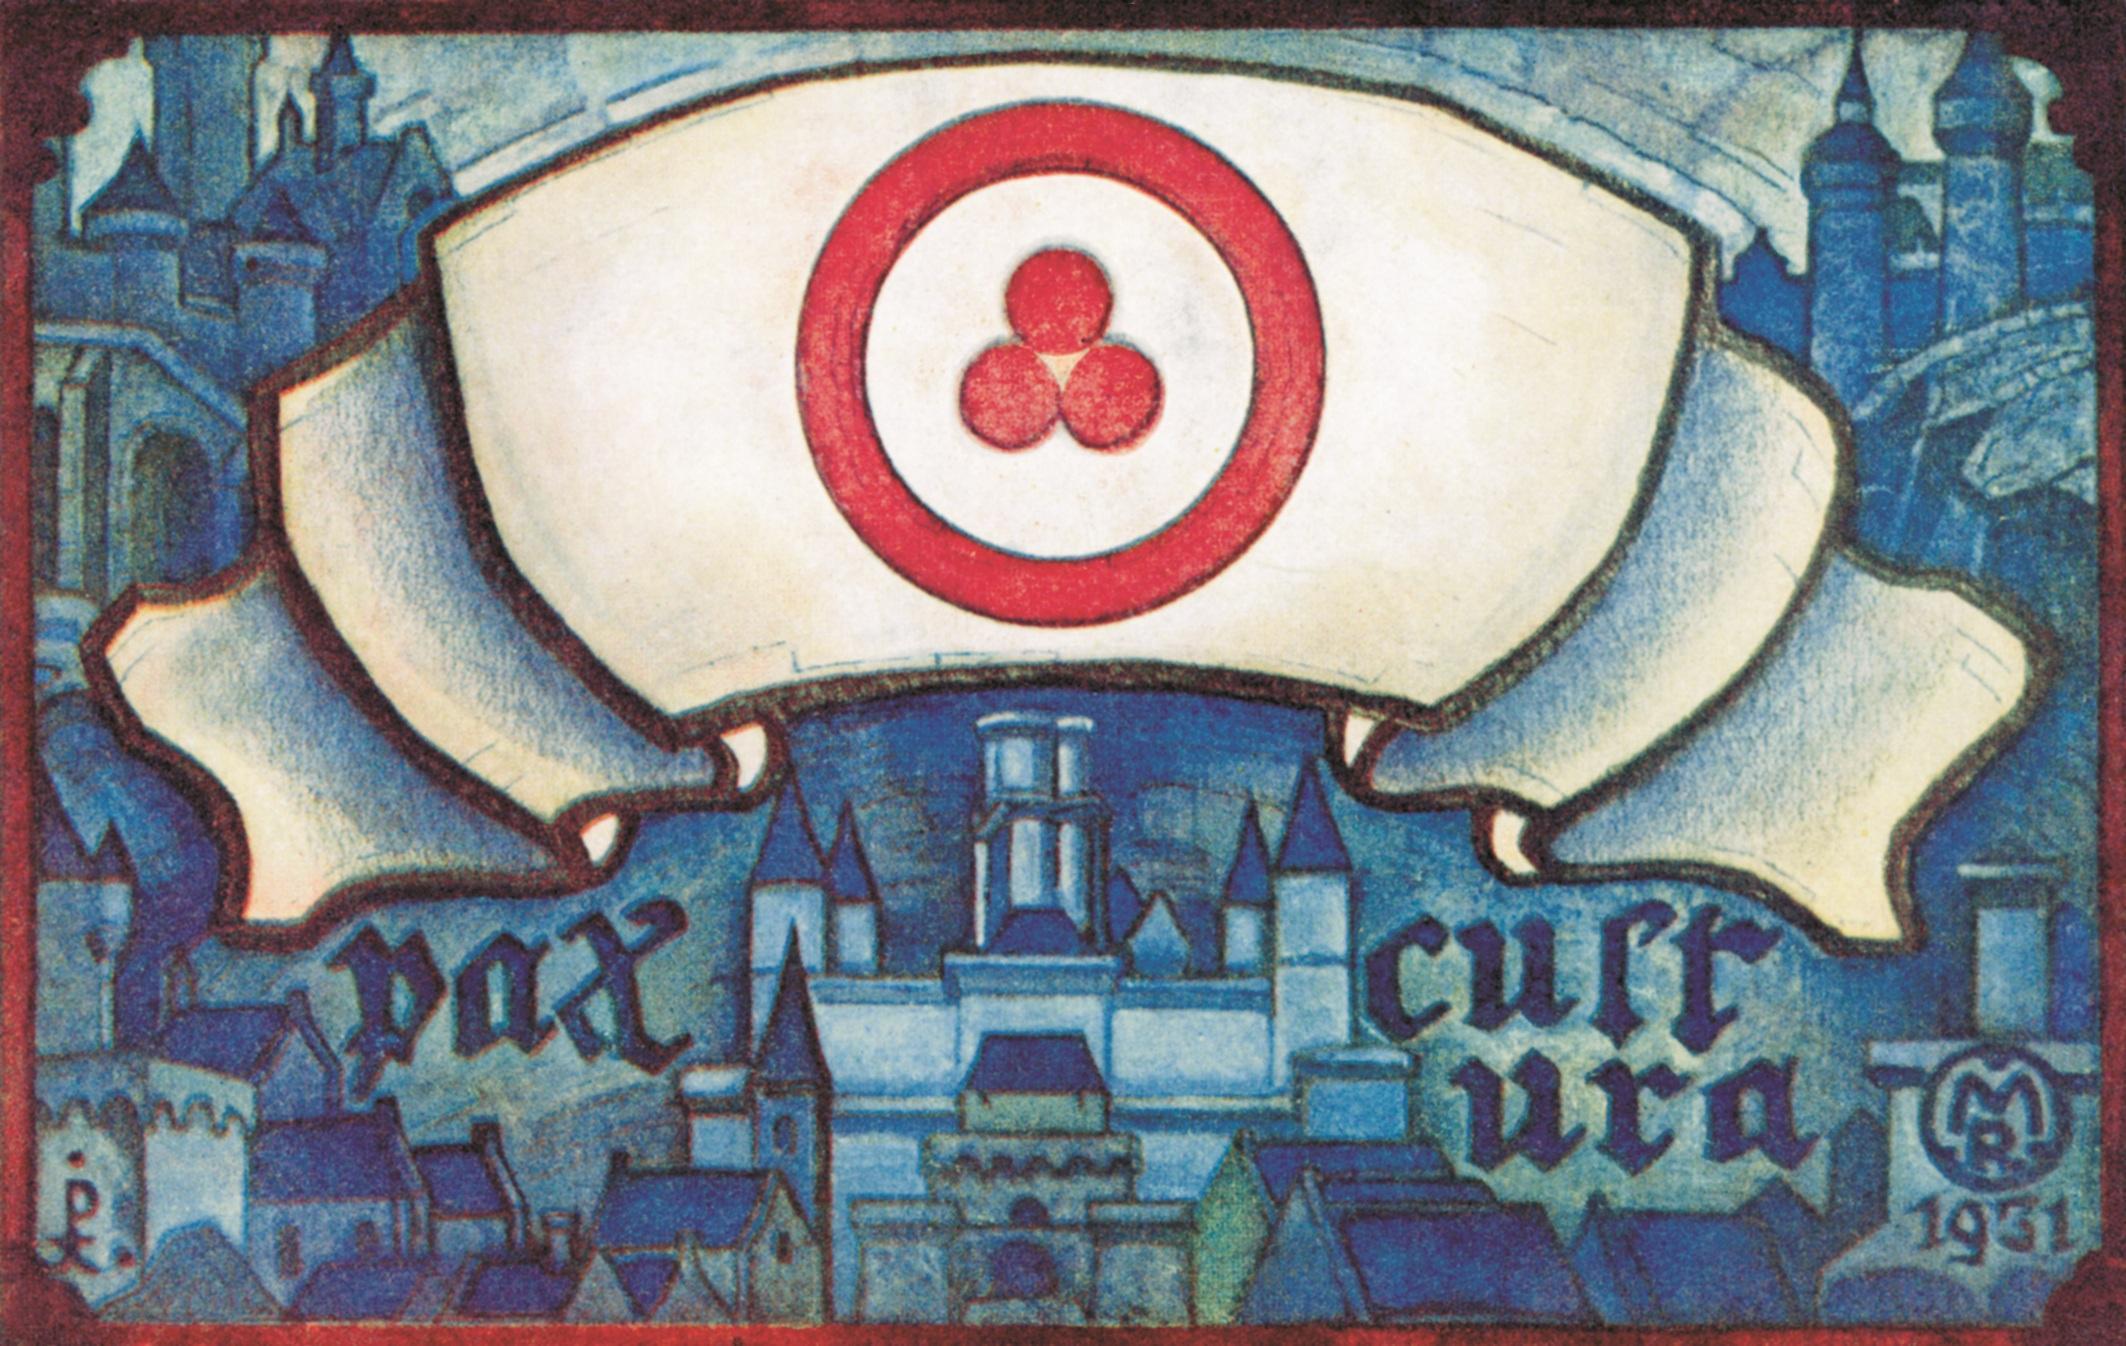 TAPAHTUMA PERUTTU: Roerich-pakti - Rauha kulttuurin kautta